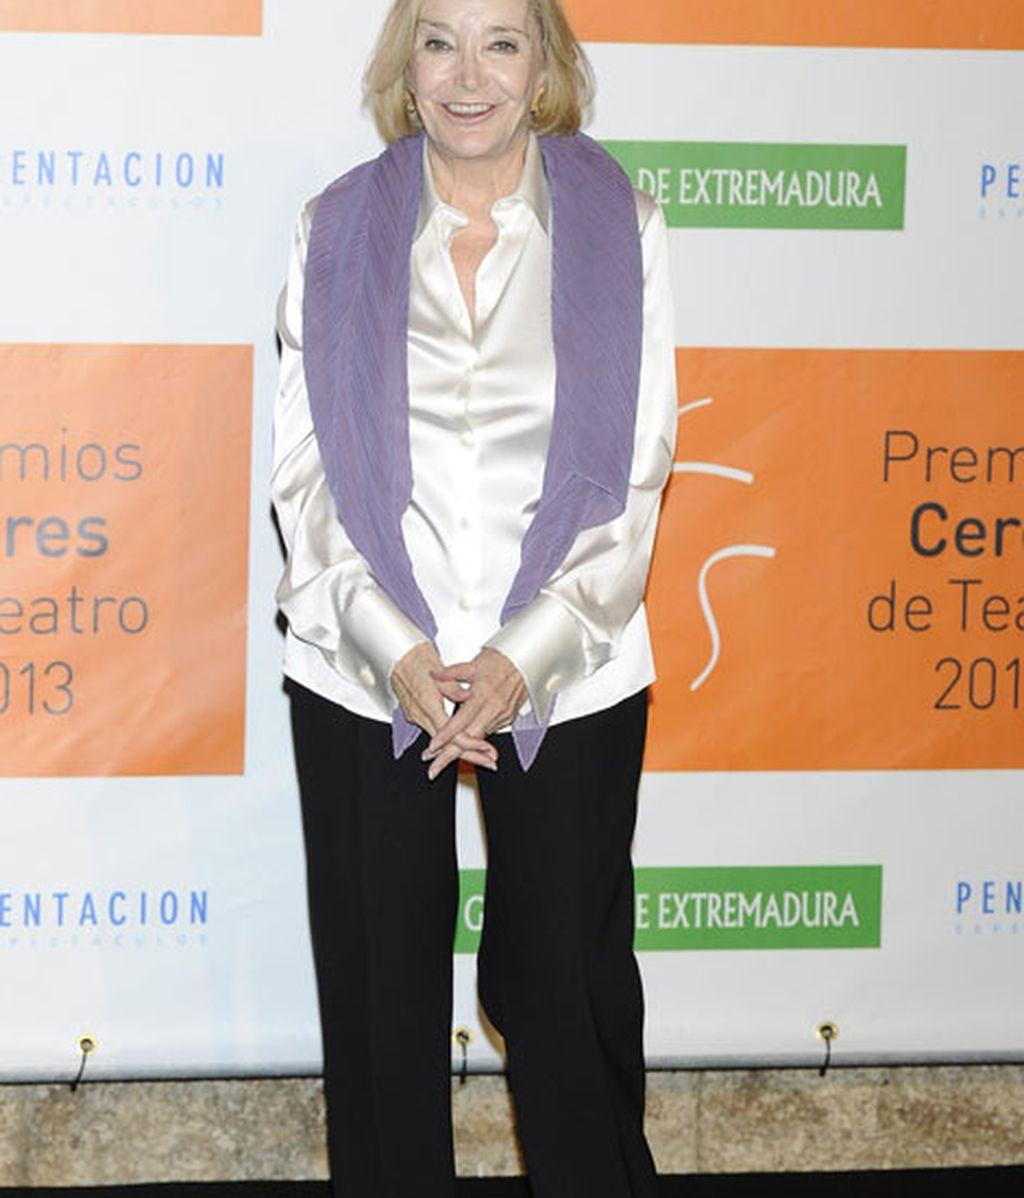 La actriz Nuria Espert se llevo el premio 'Emérita Augusta'